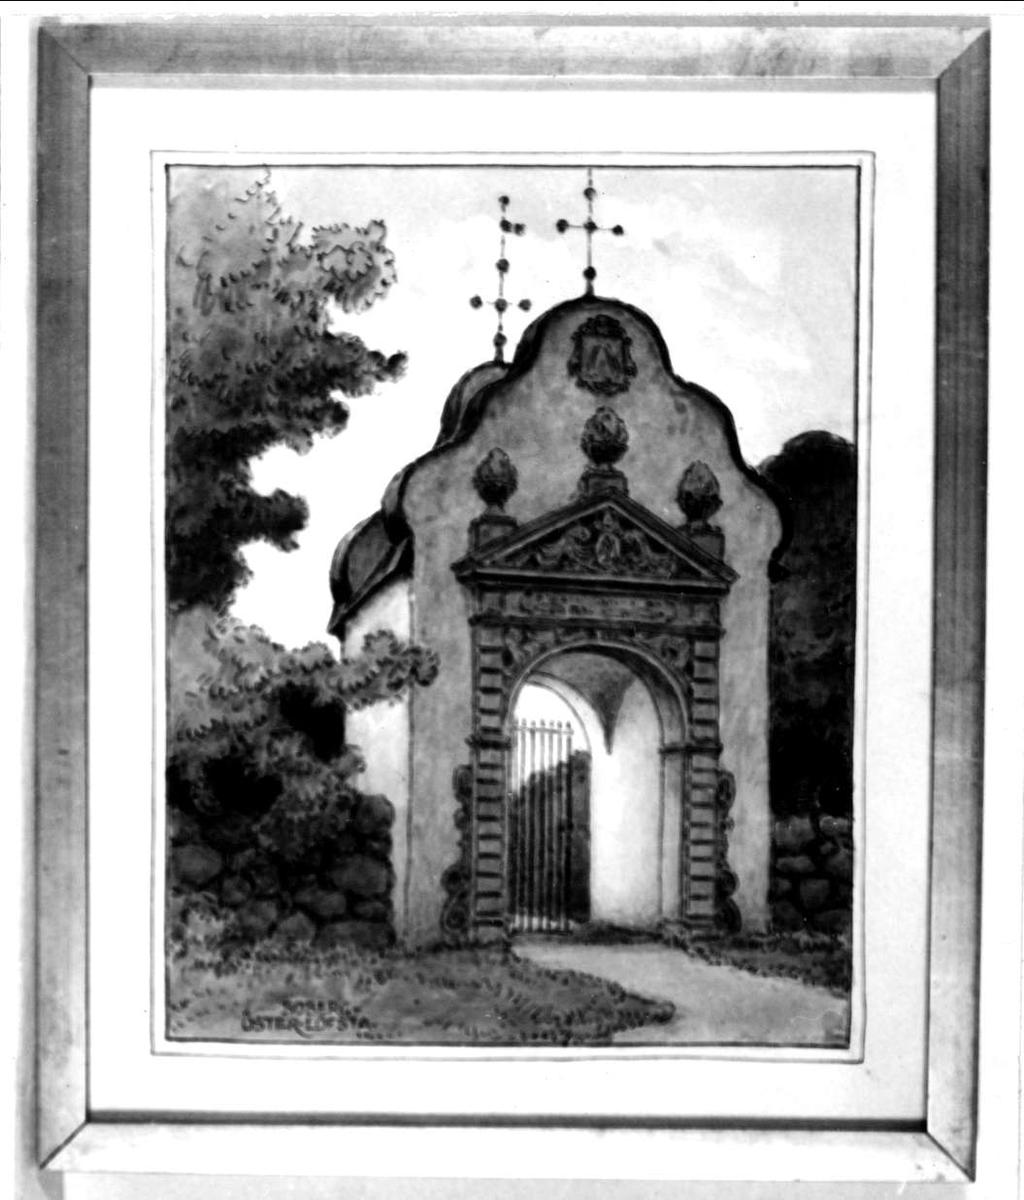 Stiglucka vid Österlövsta kyrka, Österlövsta socken, Uppland.